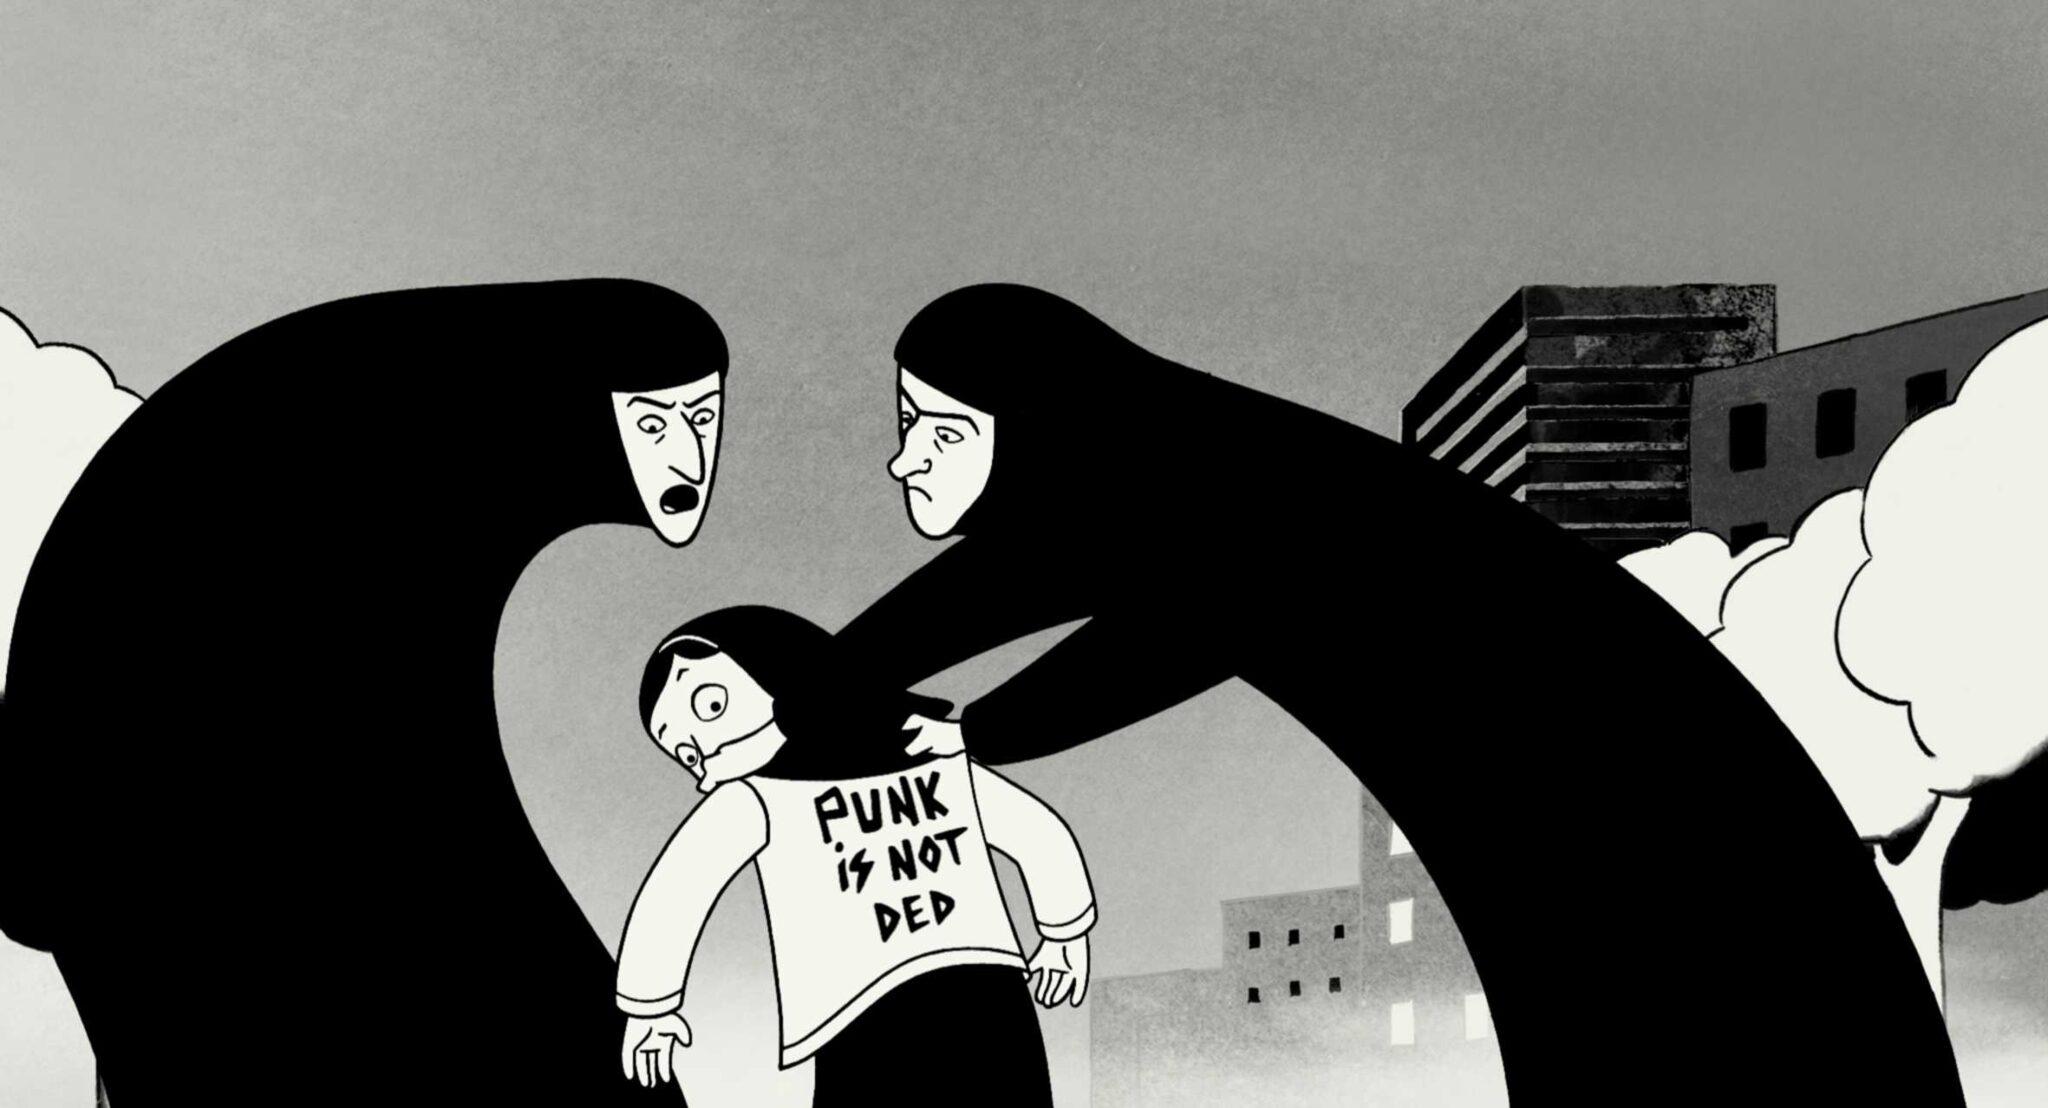 """Még mindig a """"Persepolis"""" filmből, amelyet Marjane Satrapi író homonim grafikai regénye ihletett. FOTÓ: Staff Fahrenheit"""